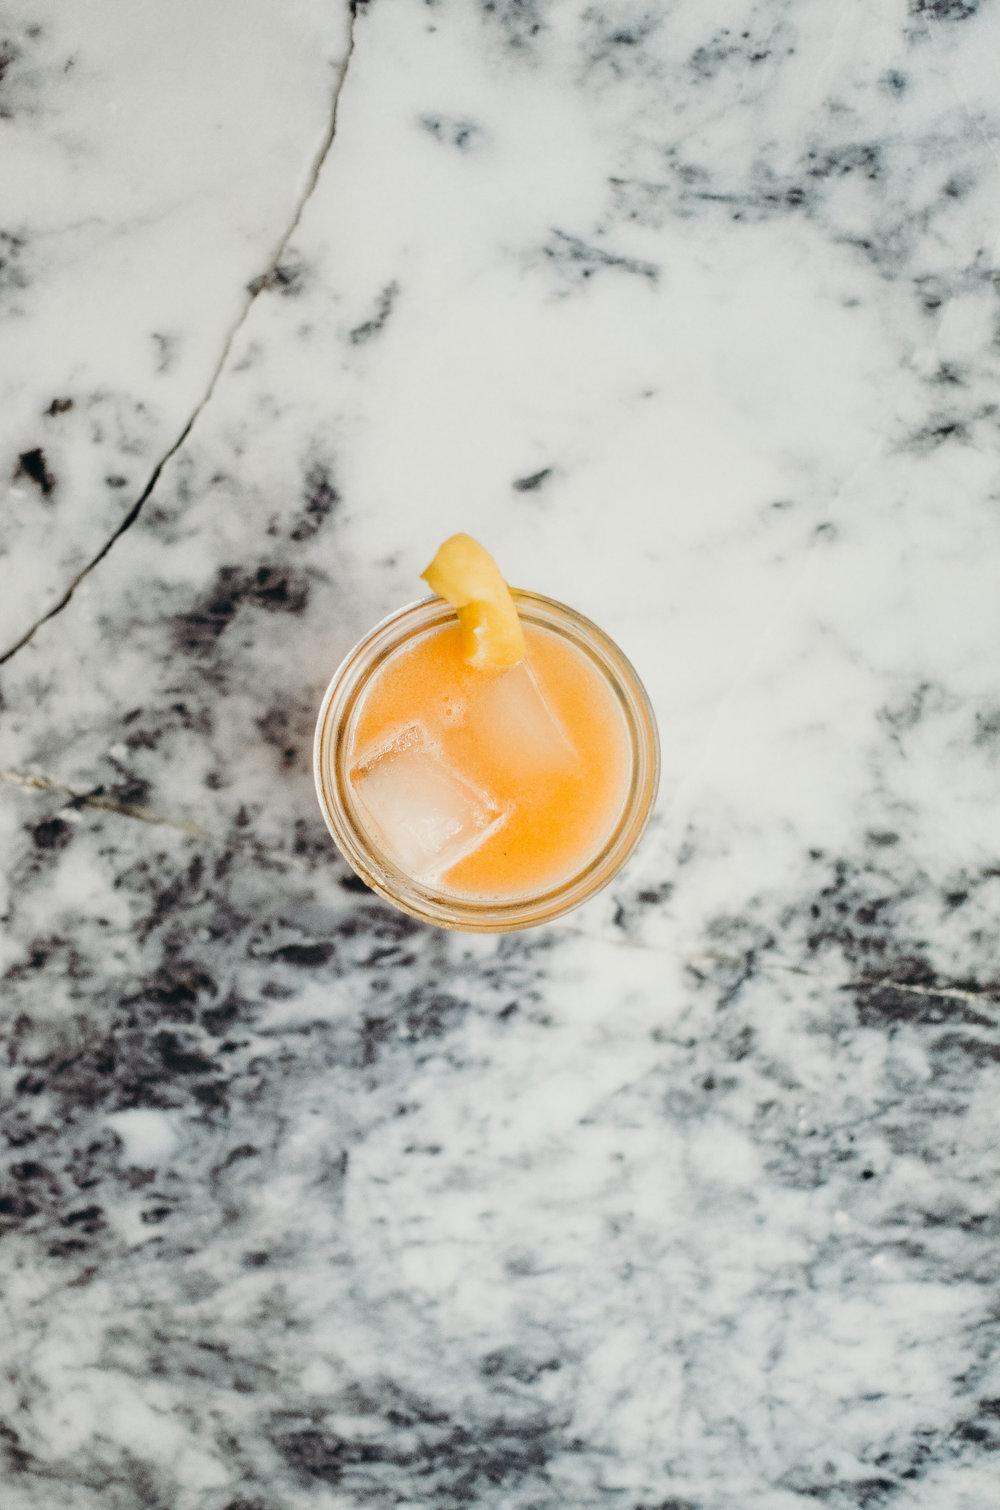 Wendling_Boyd_Angelcot_Lavender_Aperol_Spritz_Cocktail-3.jpg